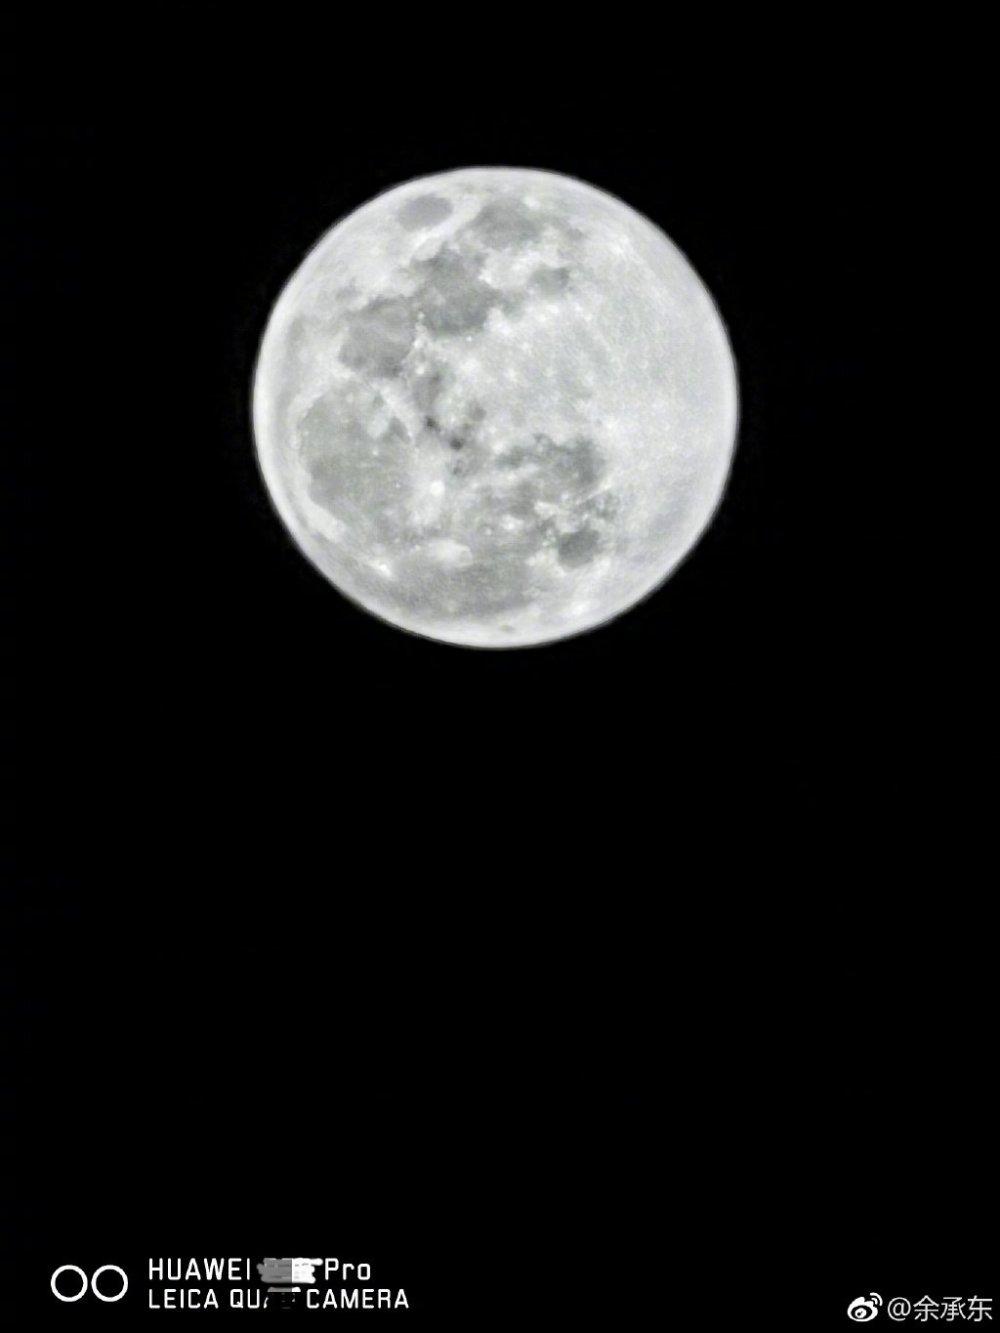 HUAWEI P30 Pro moon shot